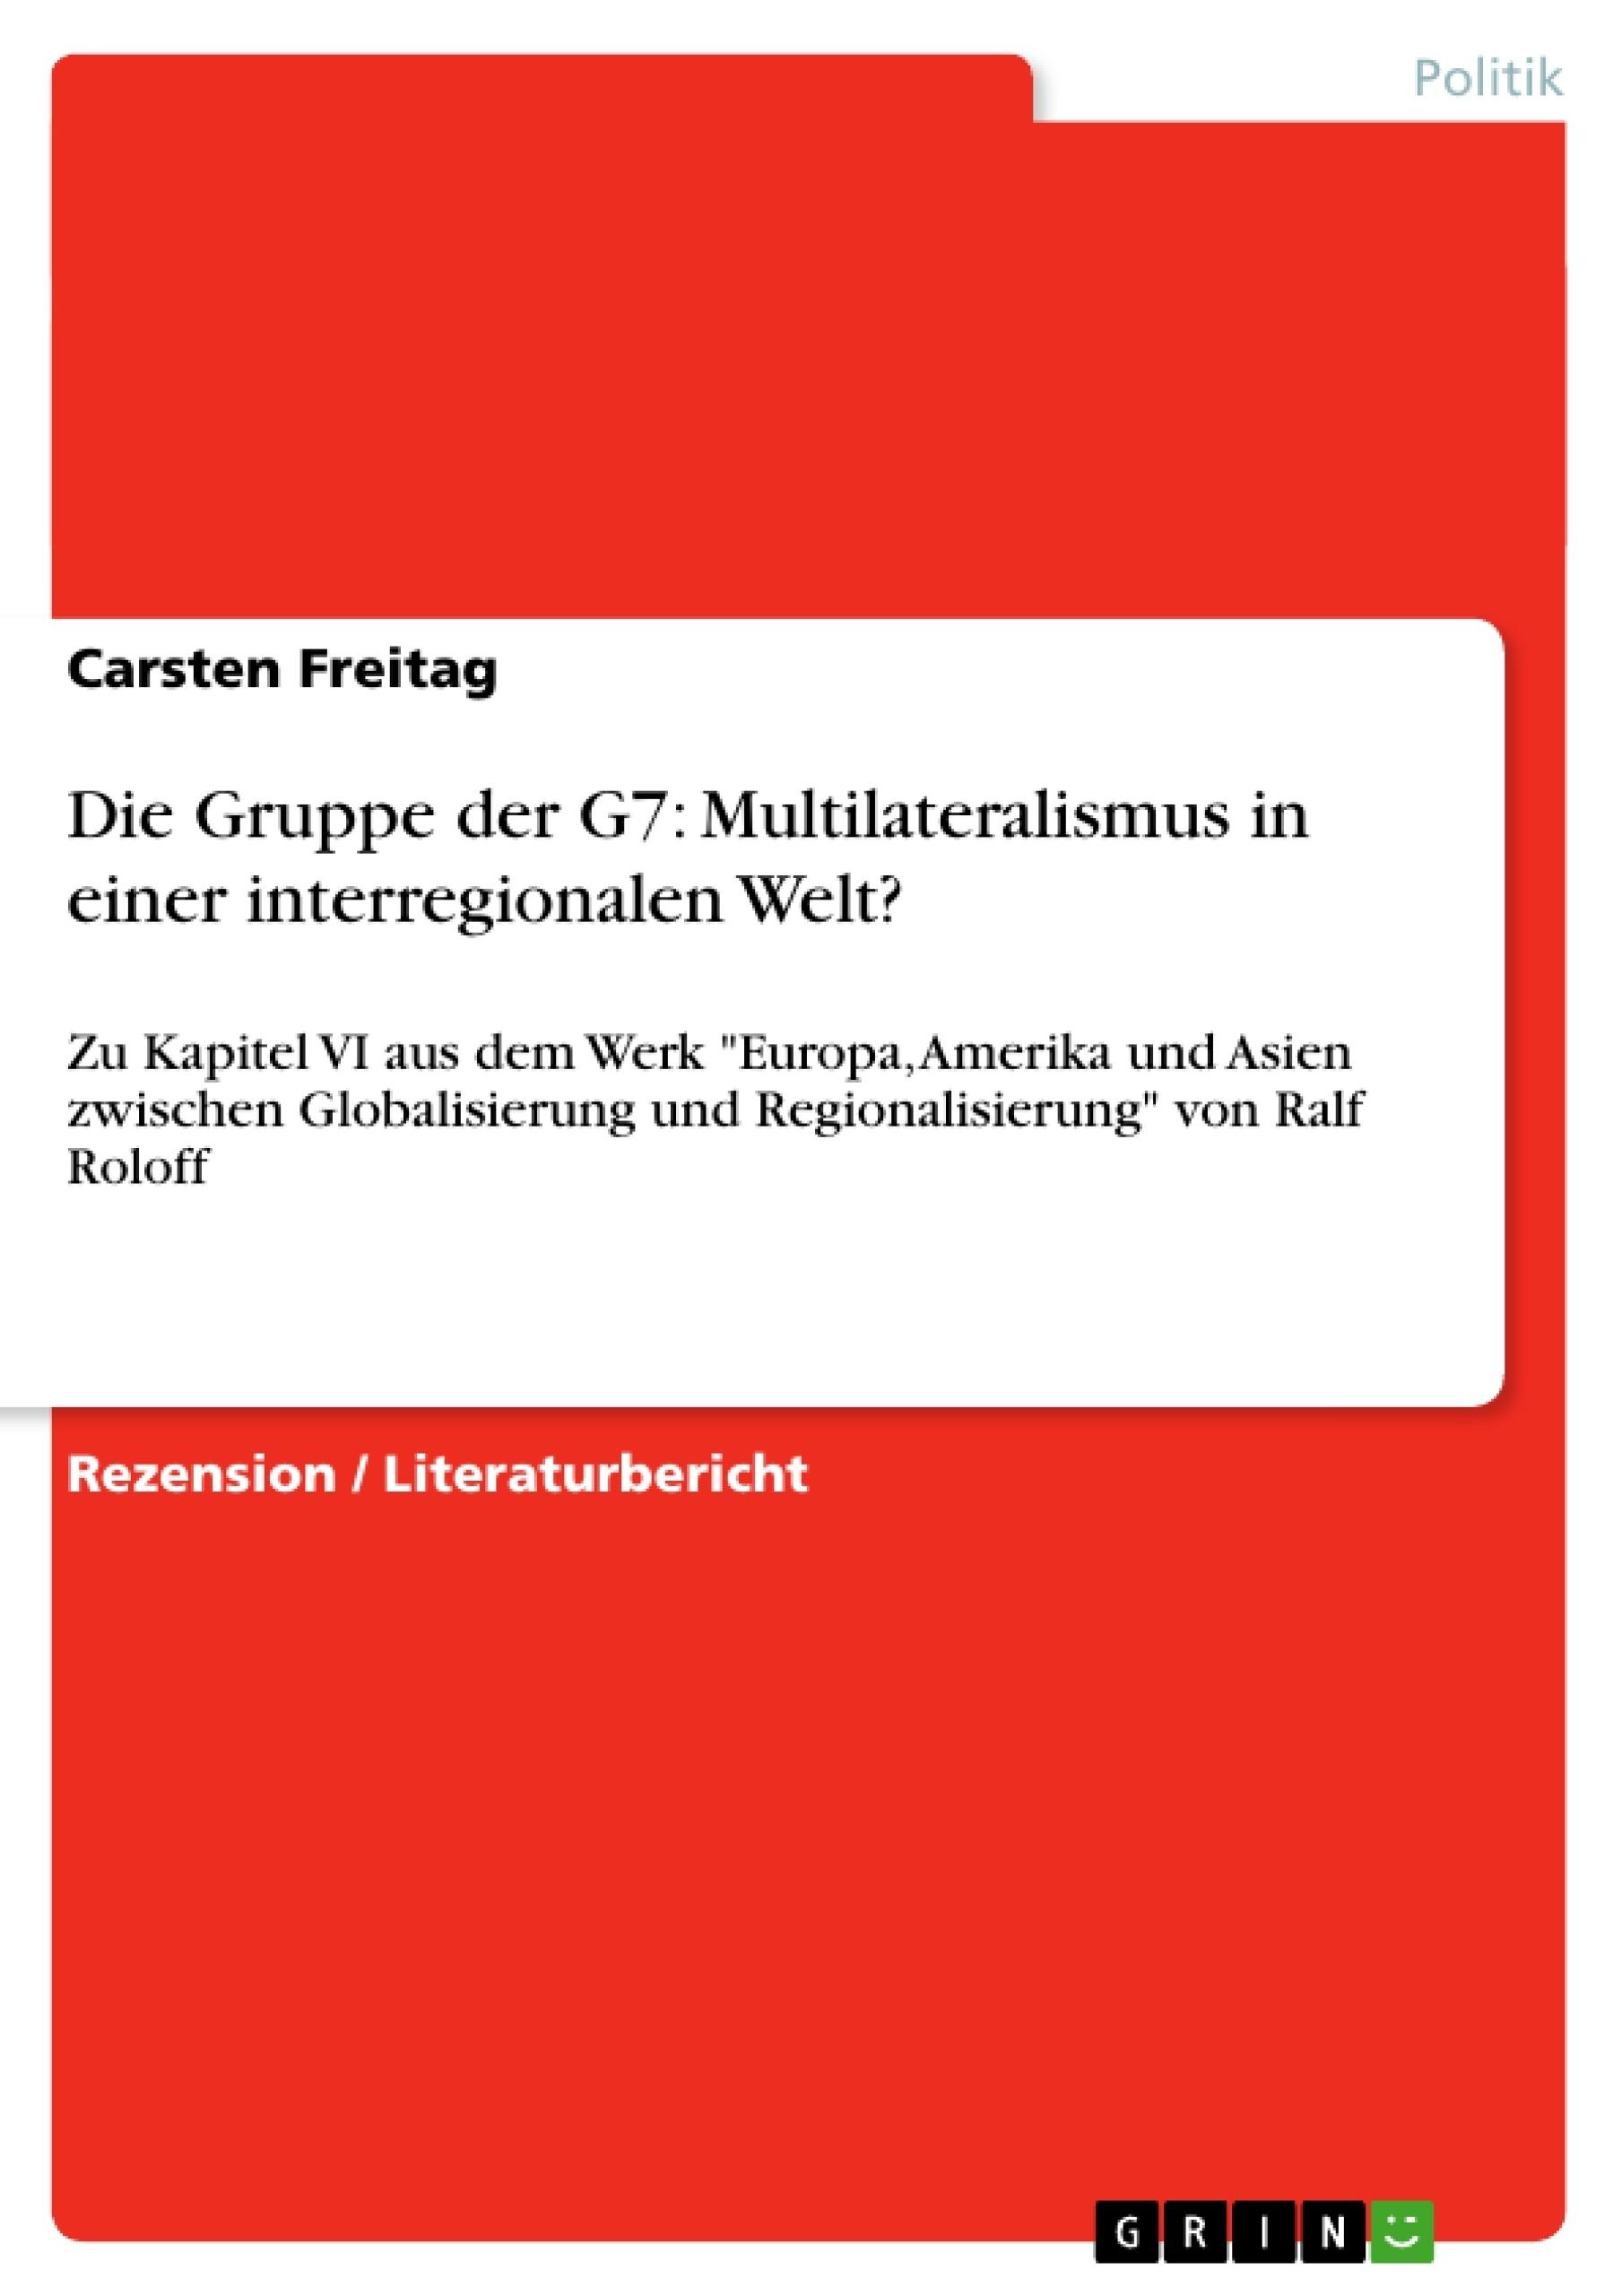 Titel: Die Gruppe der G7: Multilateralismus in einer interregionalen Welt?